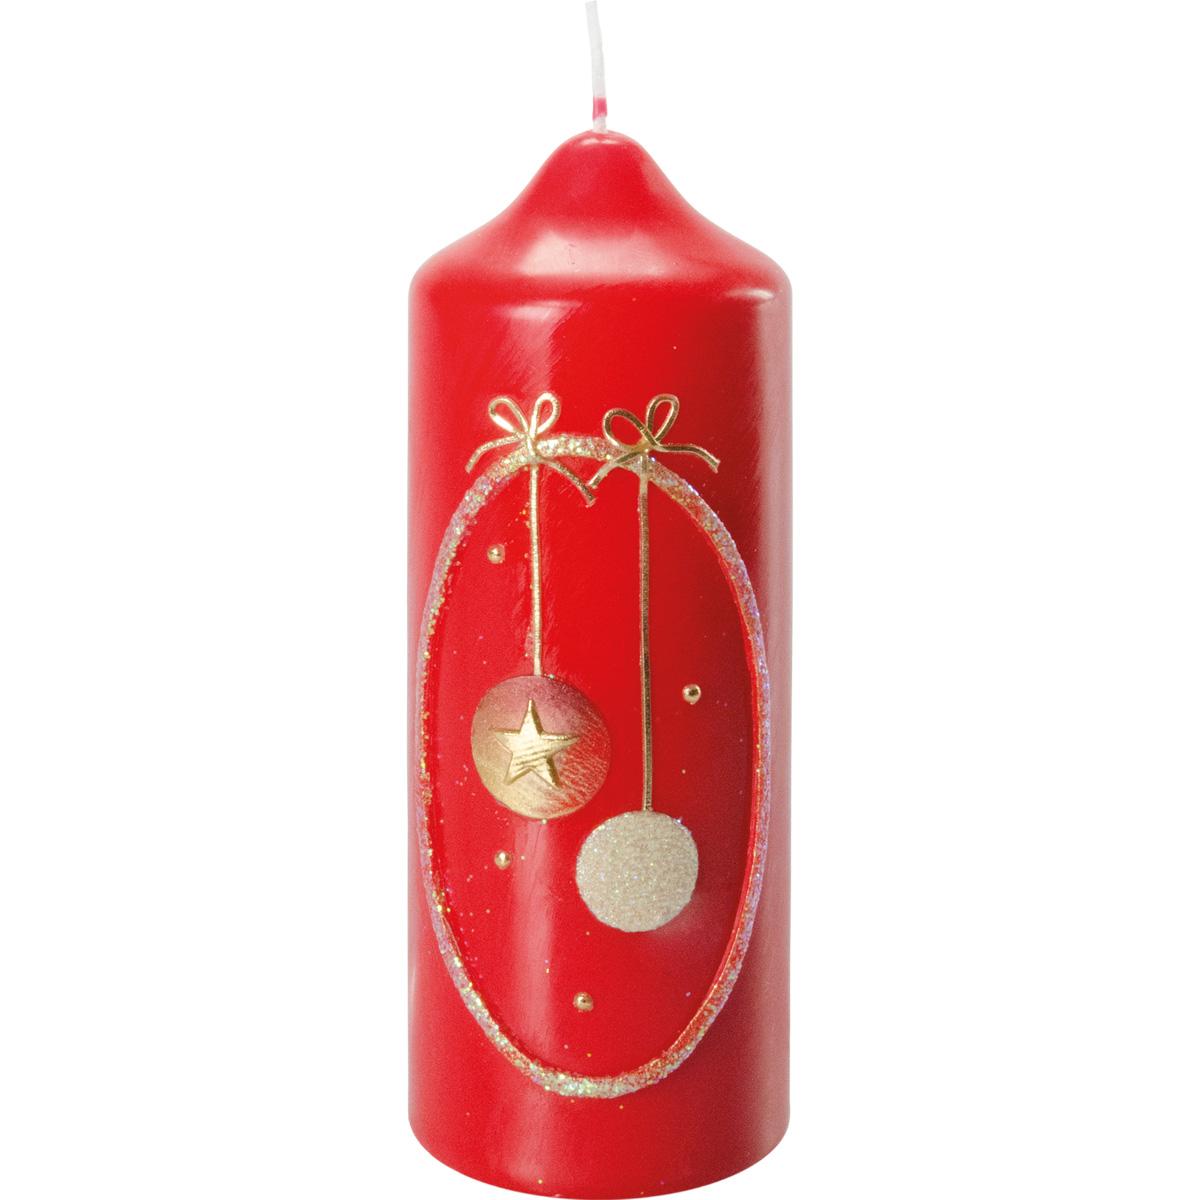 Weihnachtskerze, #2741, 16,5 x 6 cm, rubin, 2 Sterne, gold